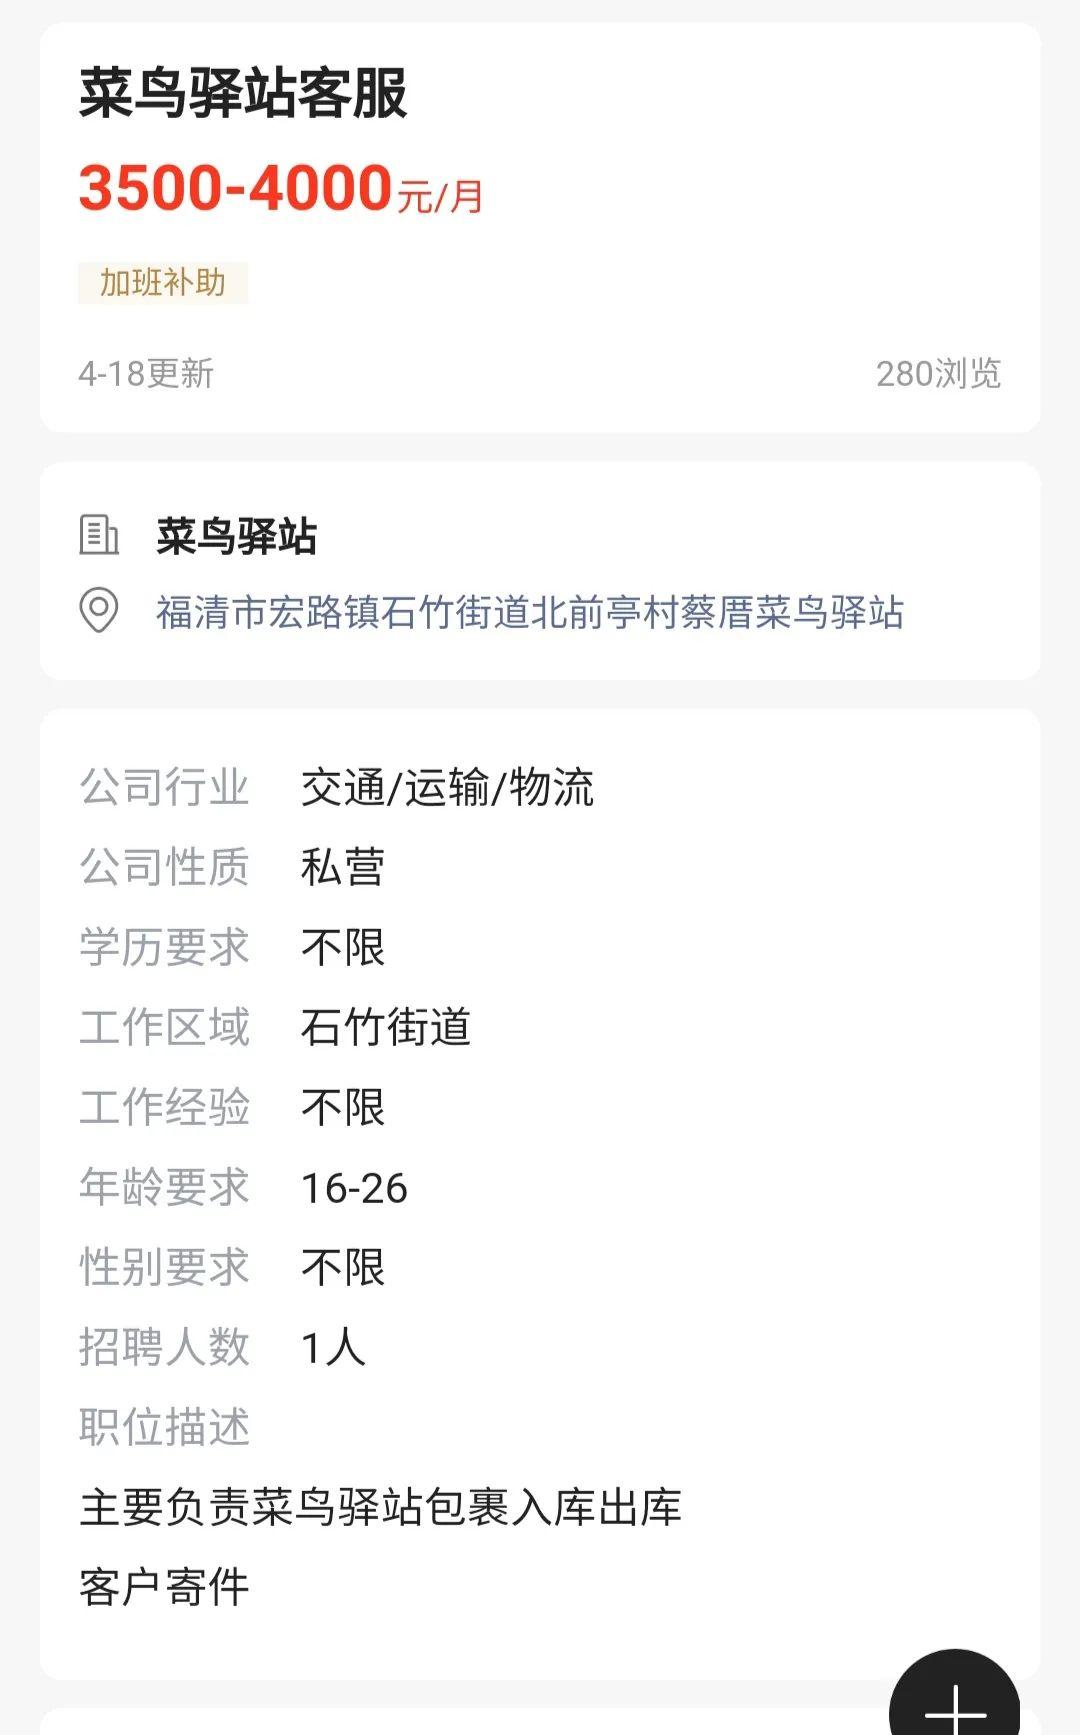 福清招聘:6000-9000元/月,包吃住+加班补助